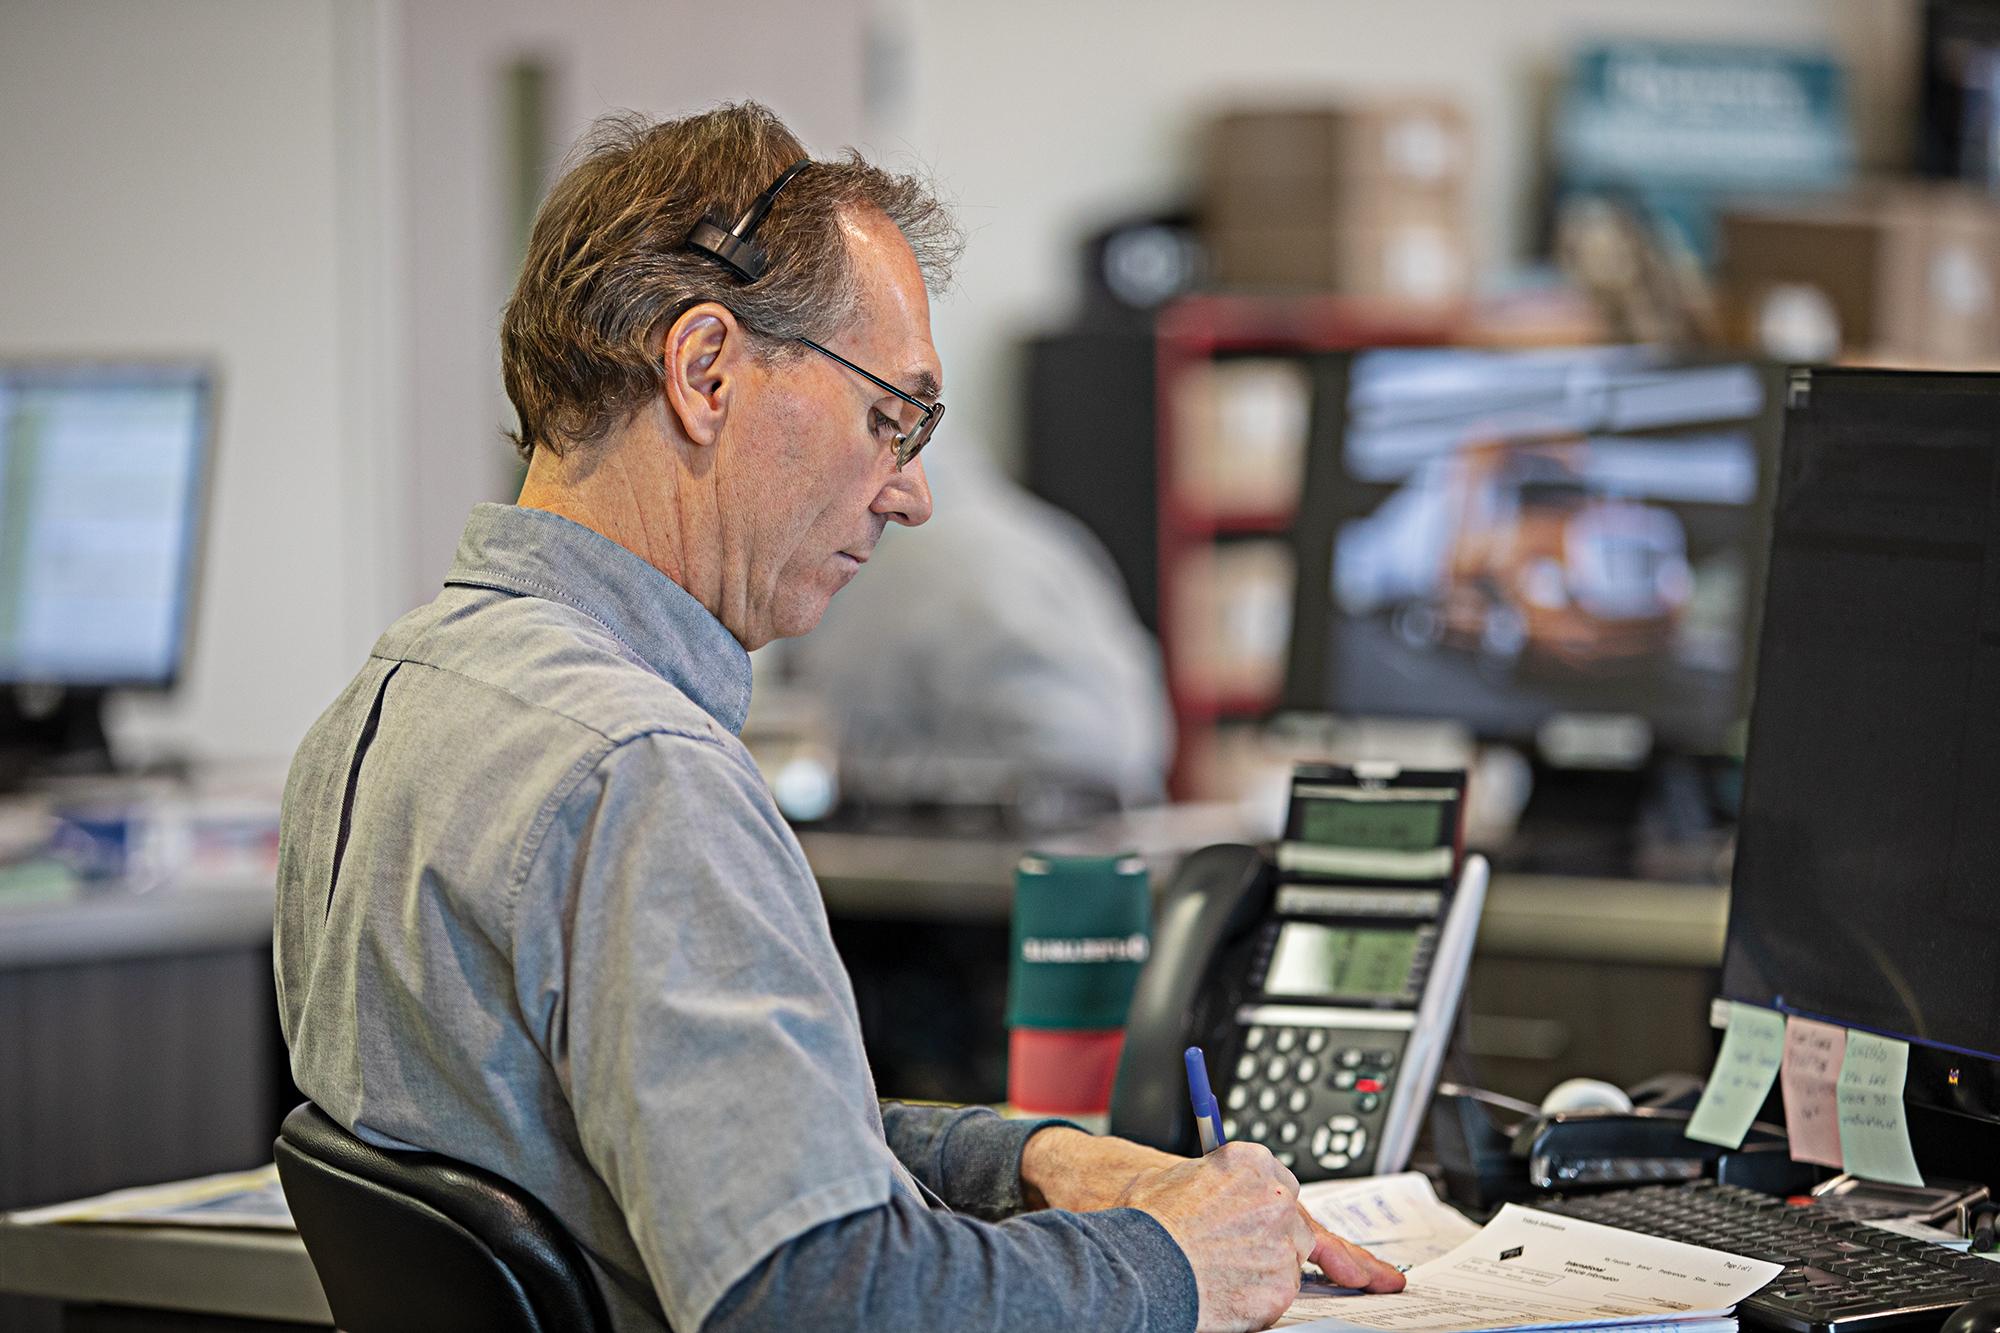 Fleet Services, caller, operator, fleets, assistance